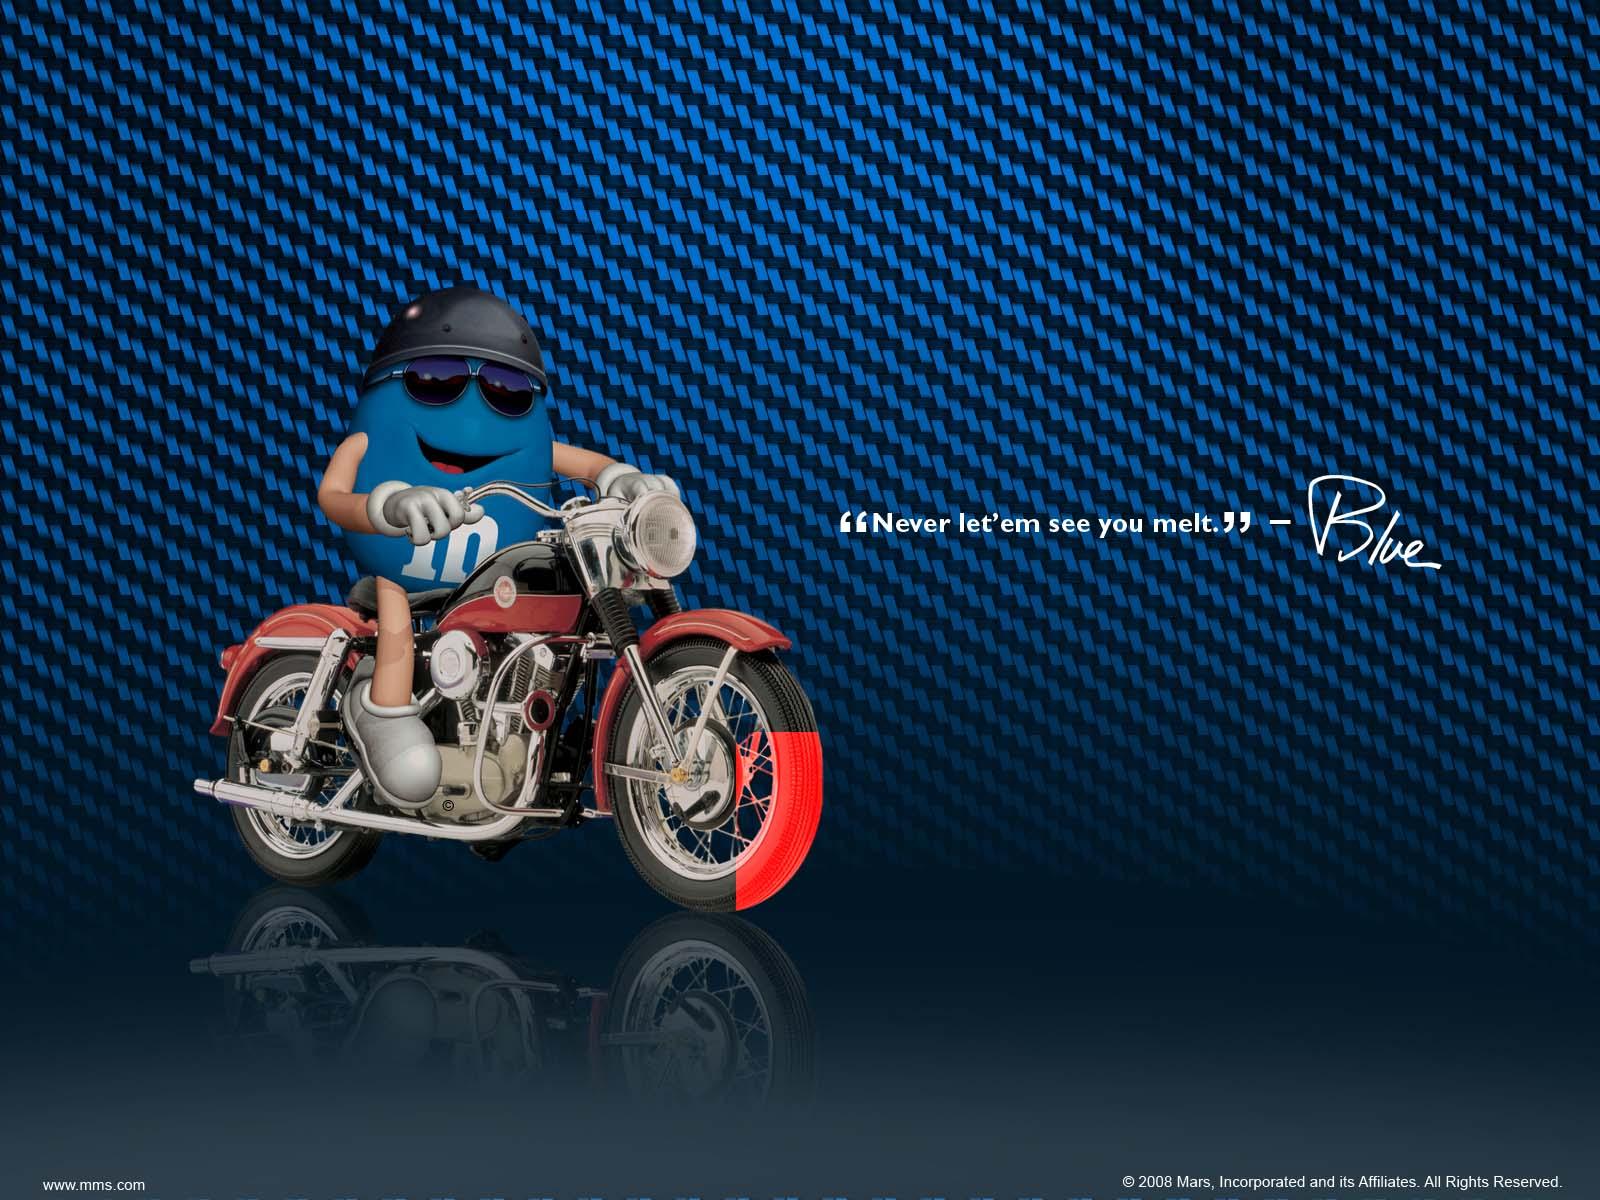 http://2.bp.blogspot.com/_IrPaKoaG71w/TP1BqCIGNPI/AAAAAAAABUU/LOkxq0ycHxQ/s1600/Wallpaper_Blue_02_1600x1200.jpg